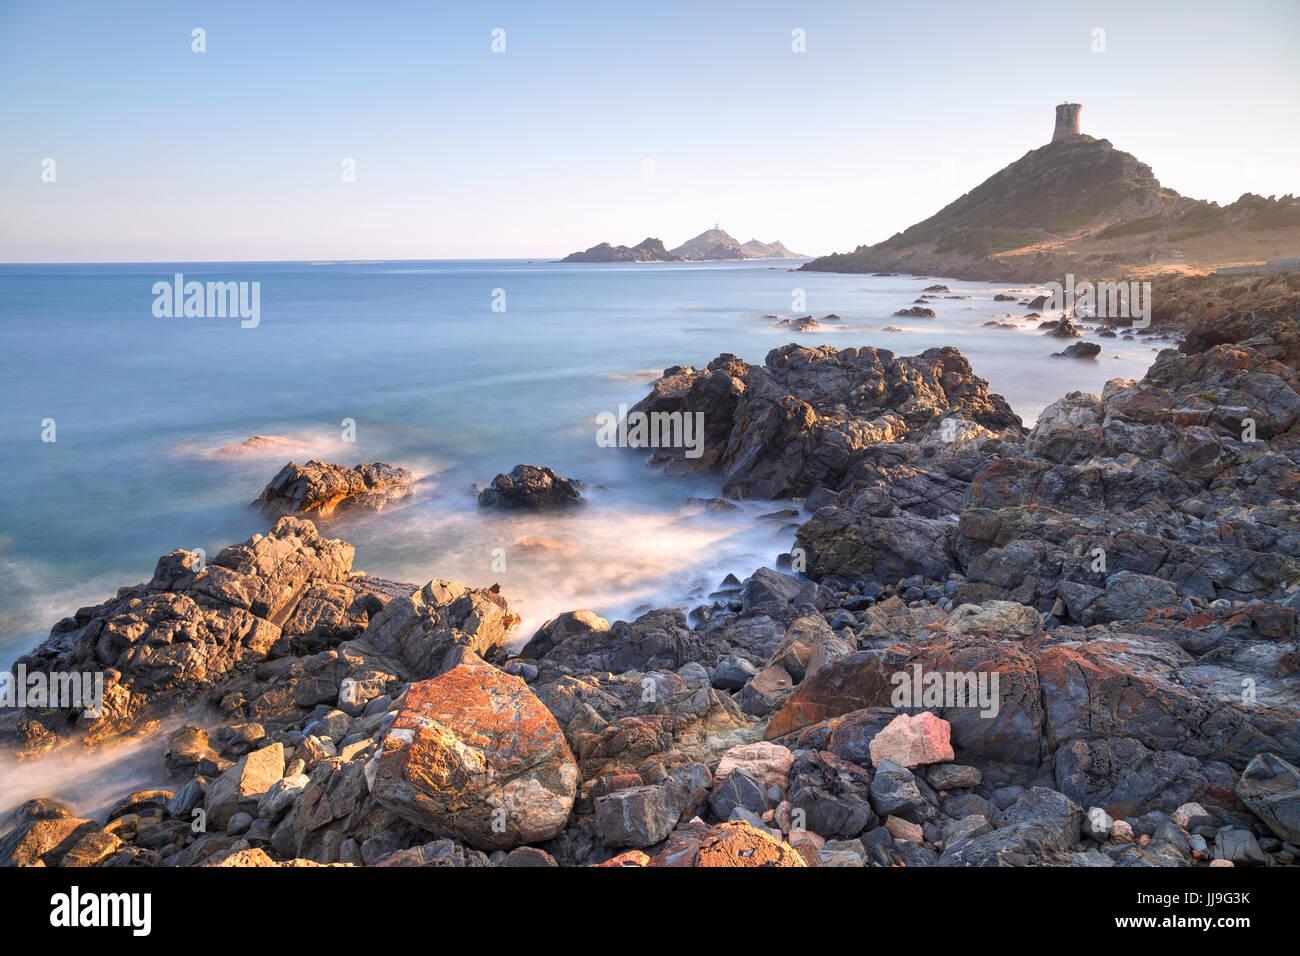 Pointe de la Parata, Iles Sanguinaires, Ajaccio, Corsica, Francia Immagini Stock